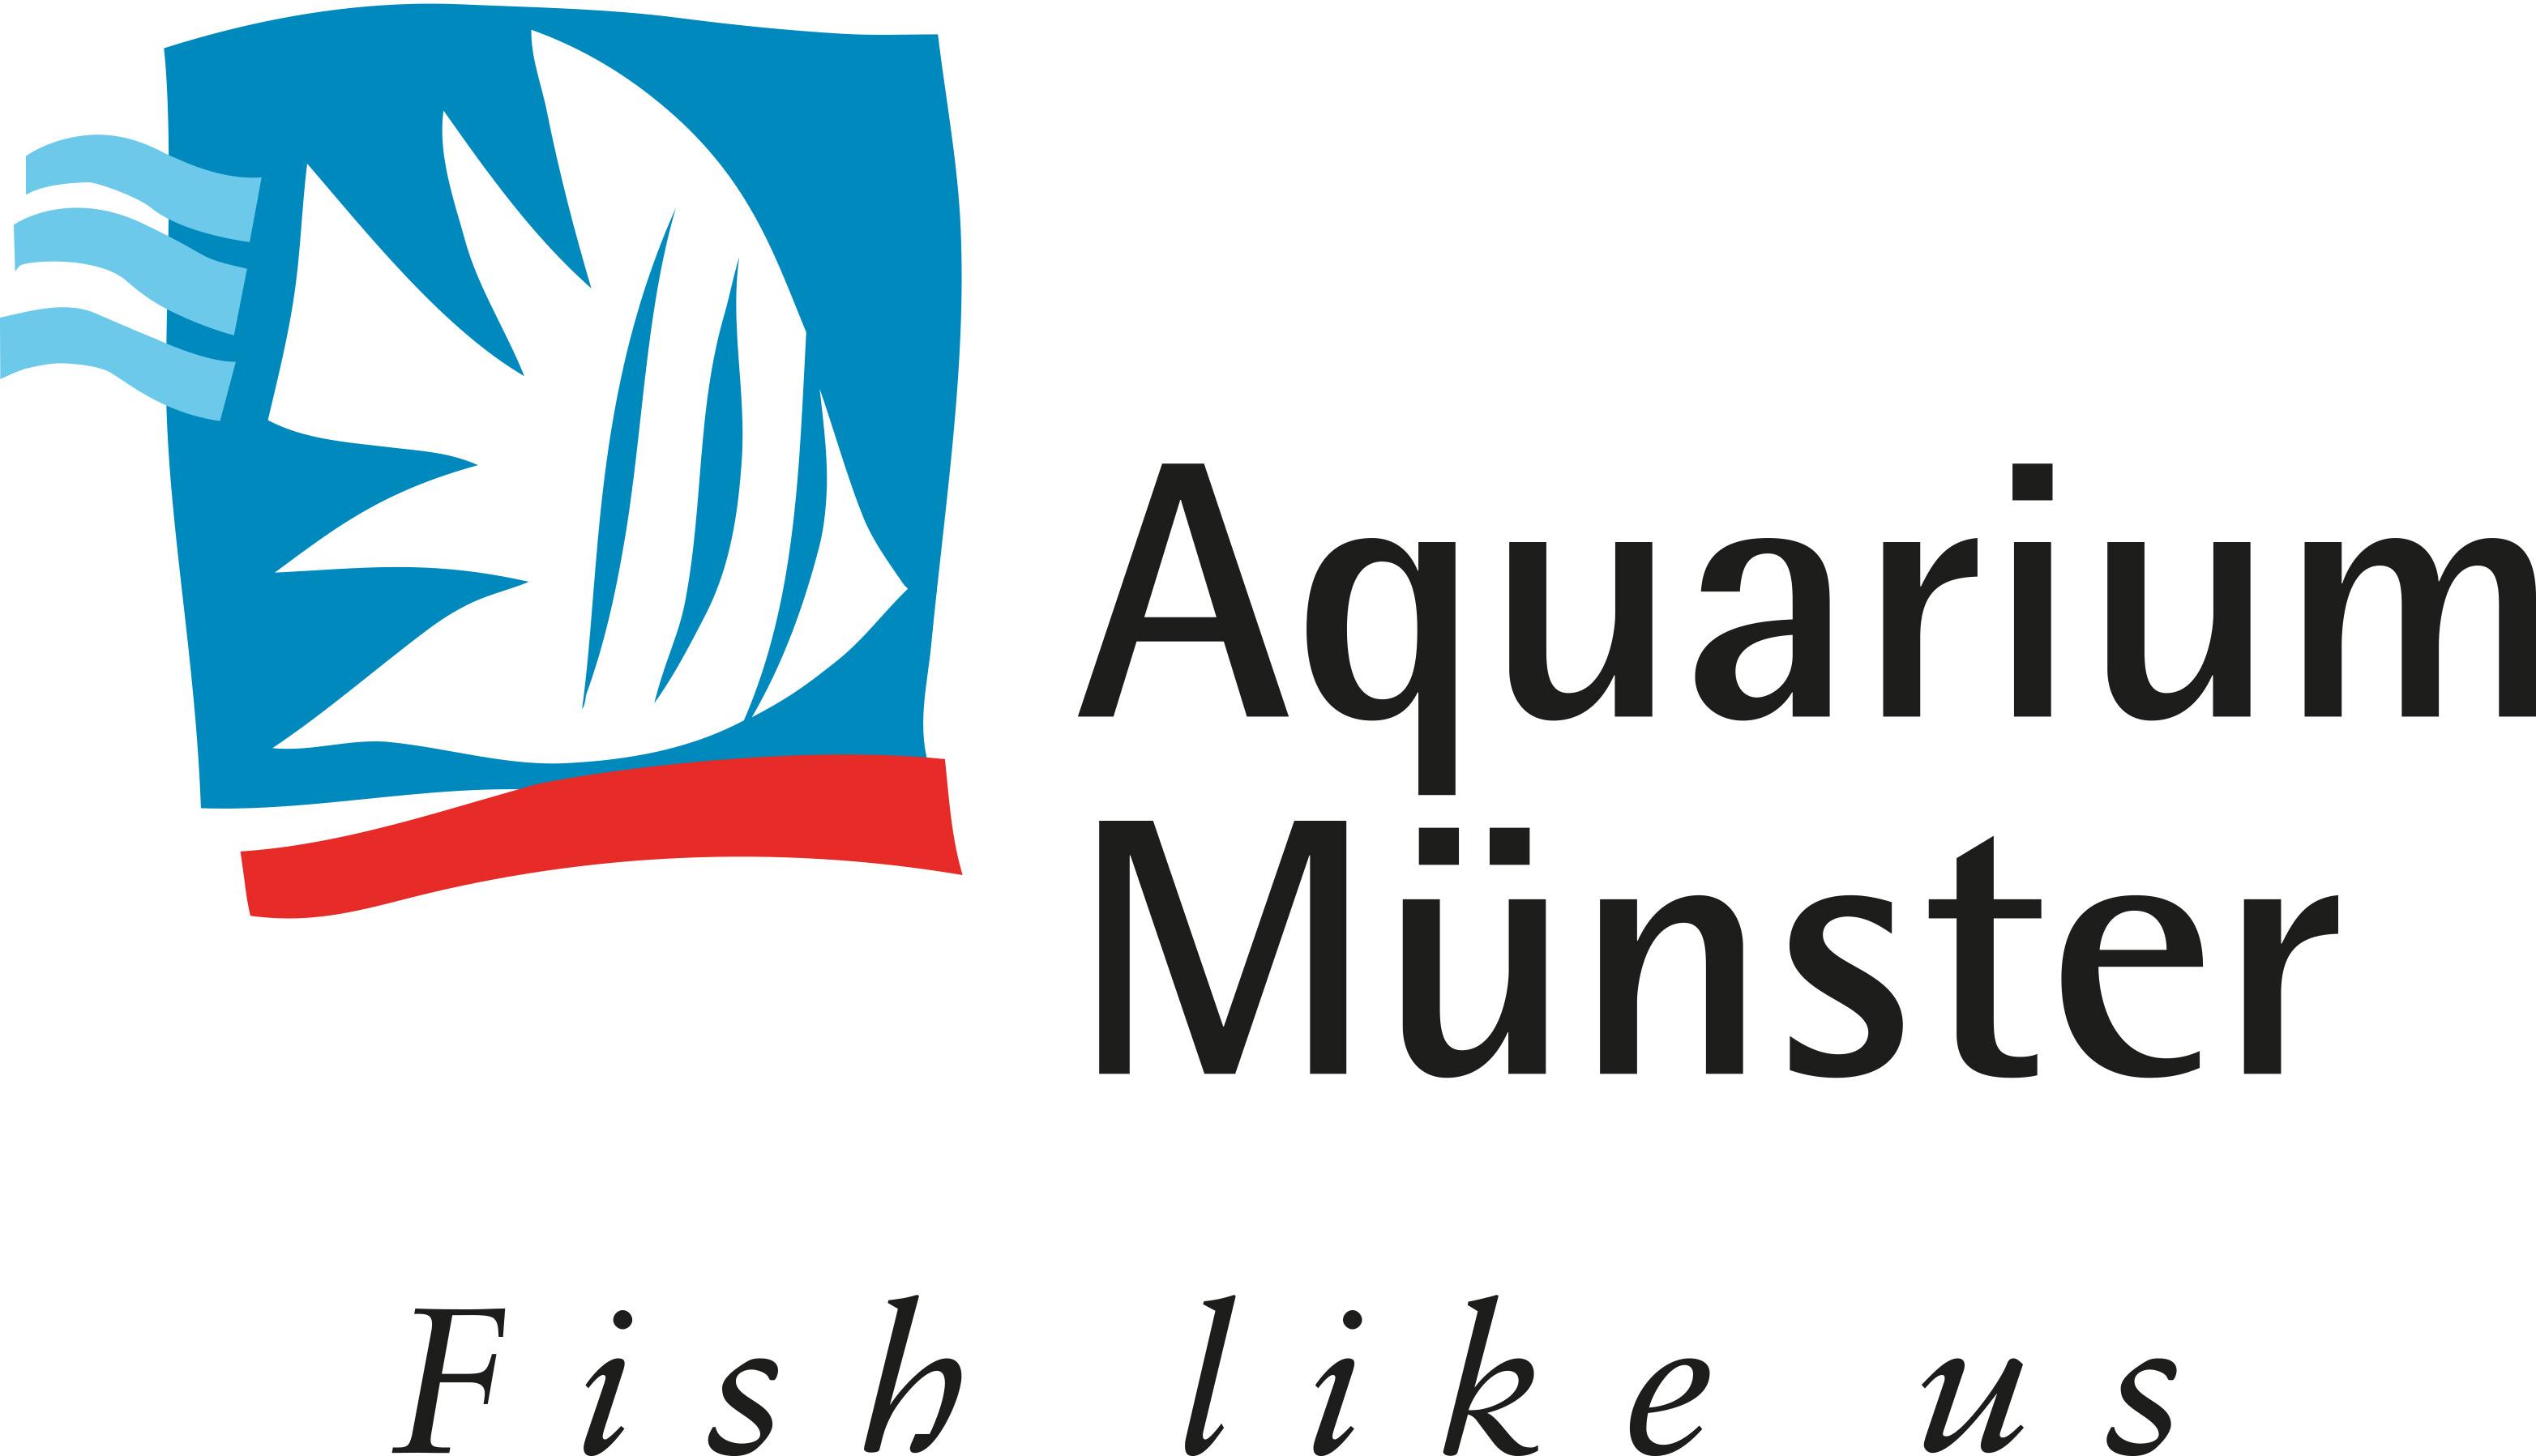 Logo - Aquarium Munster kopiera